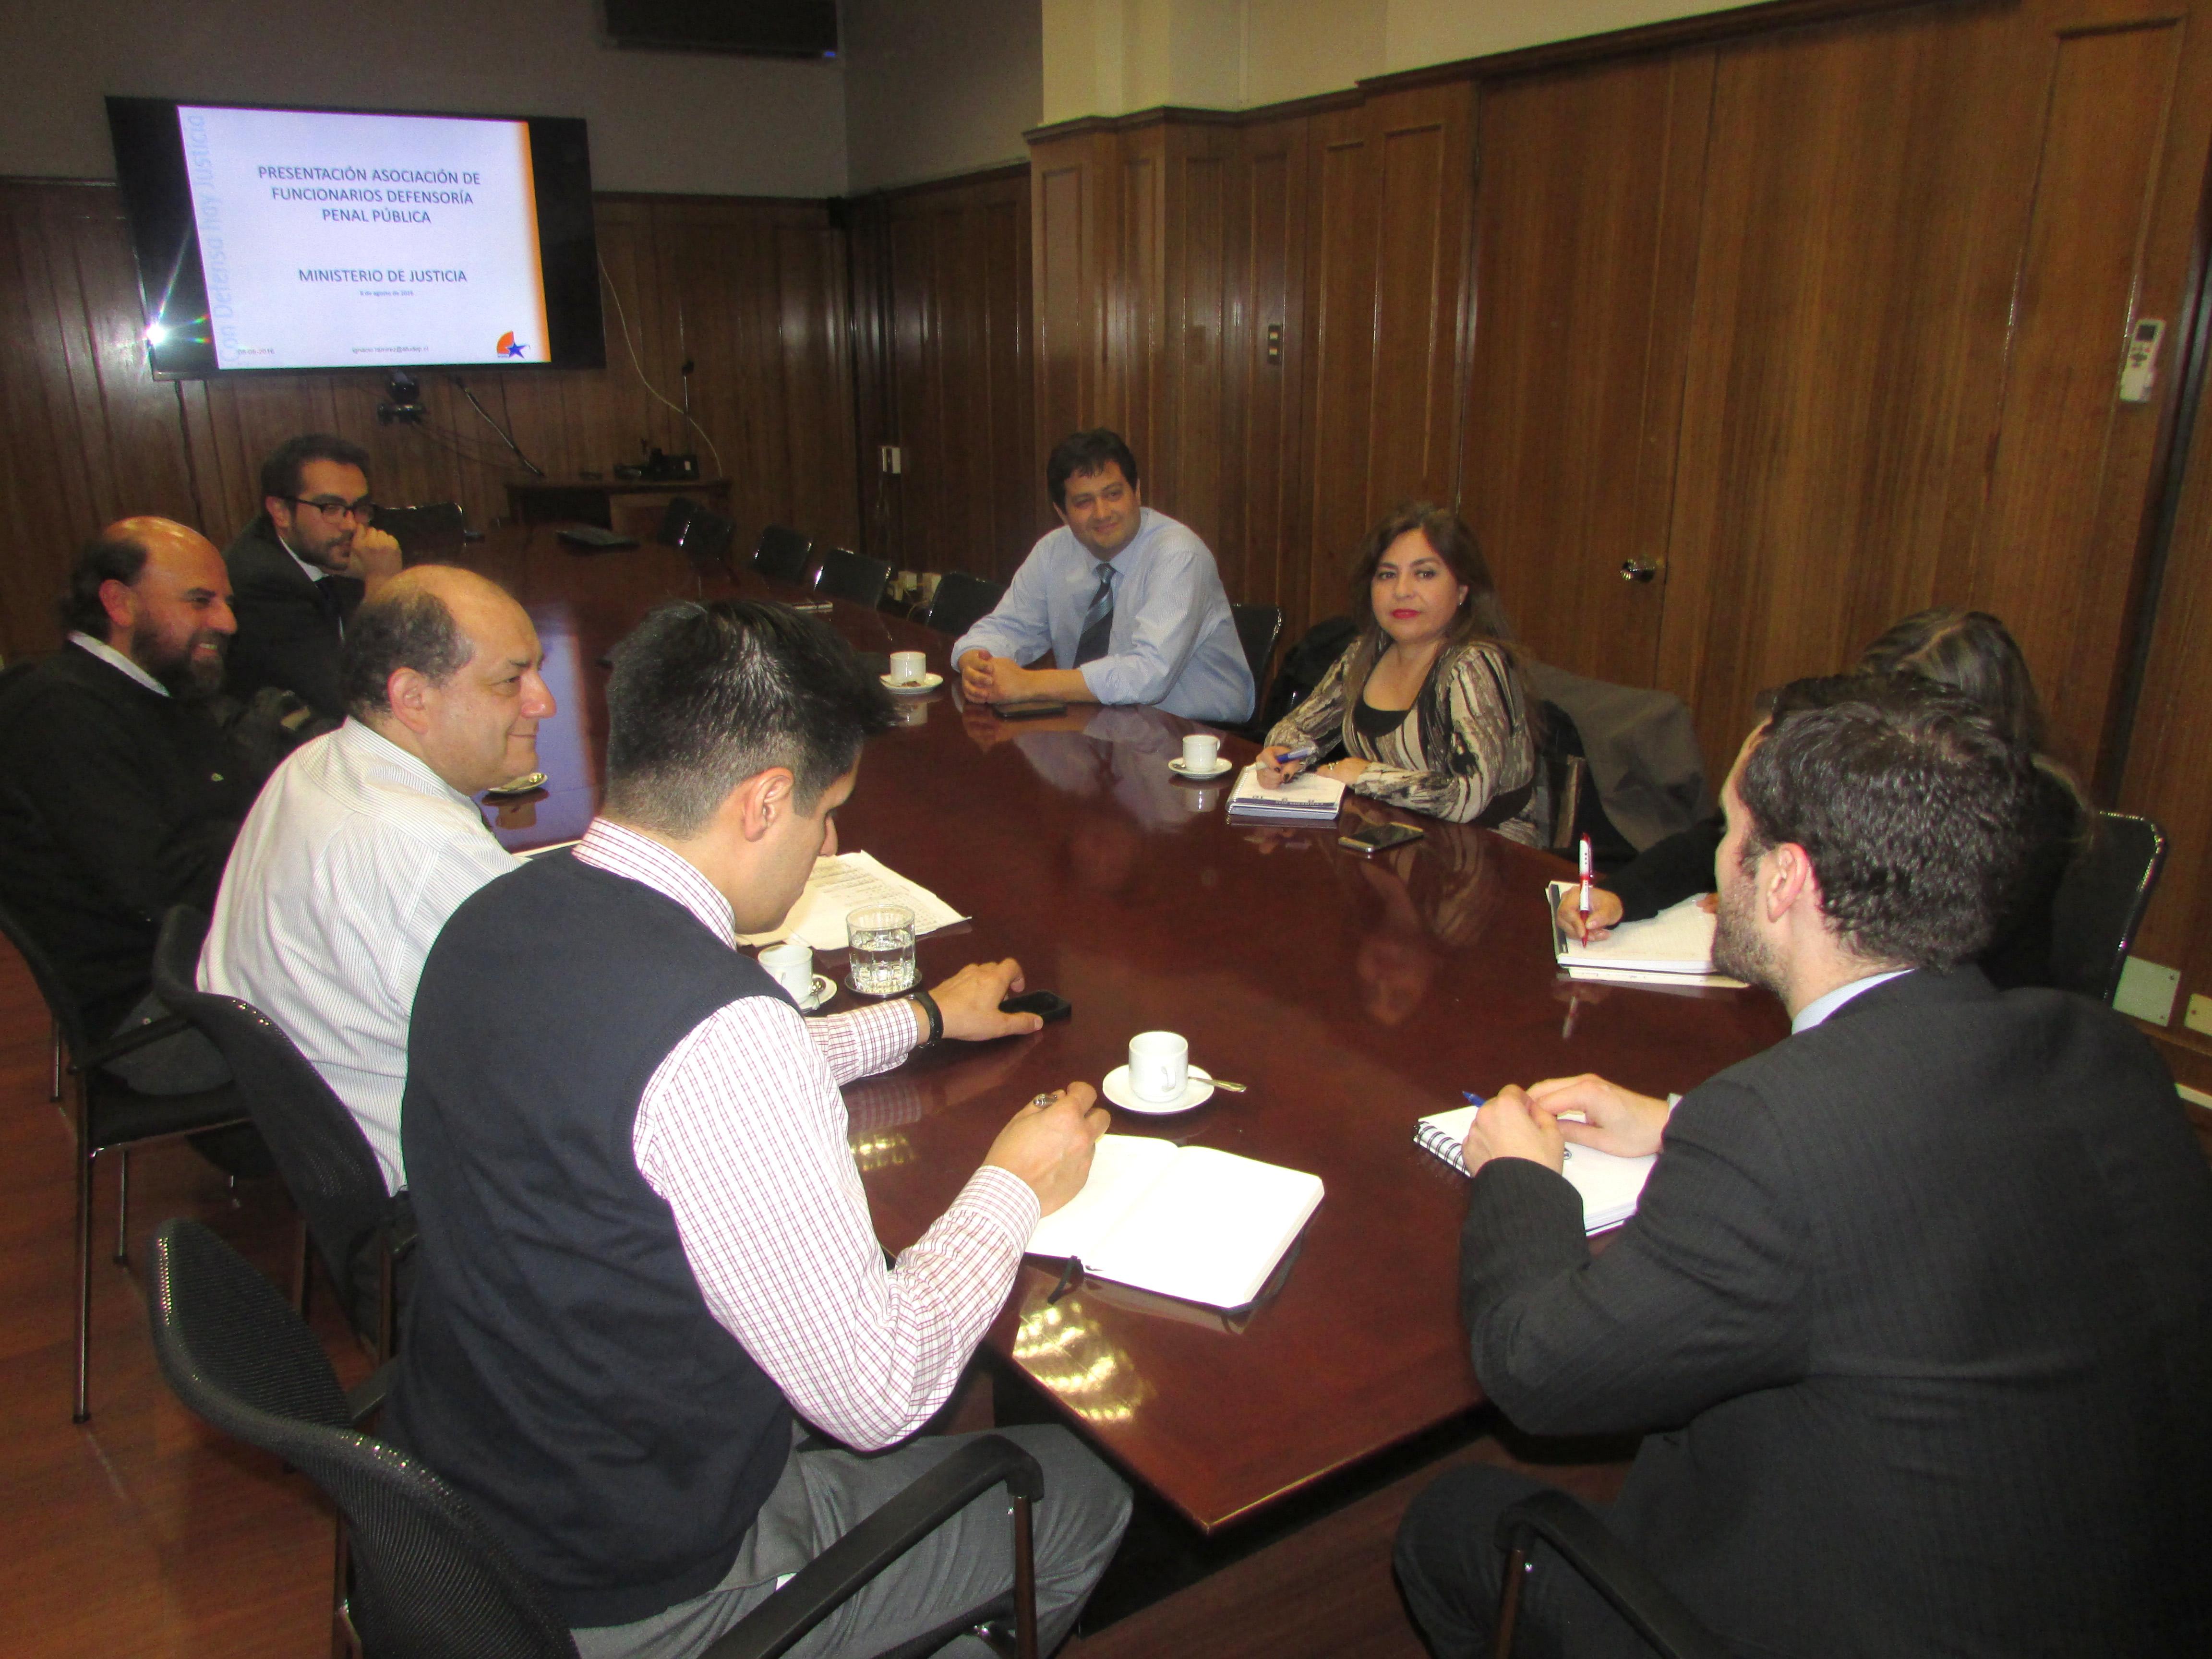 AFUDEP solicita apoyo a Subsecretario de Justicia - 08 Agosto 2016